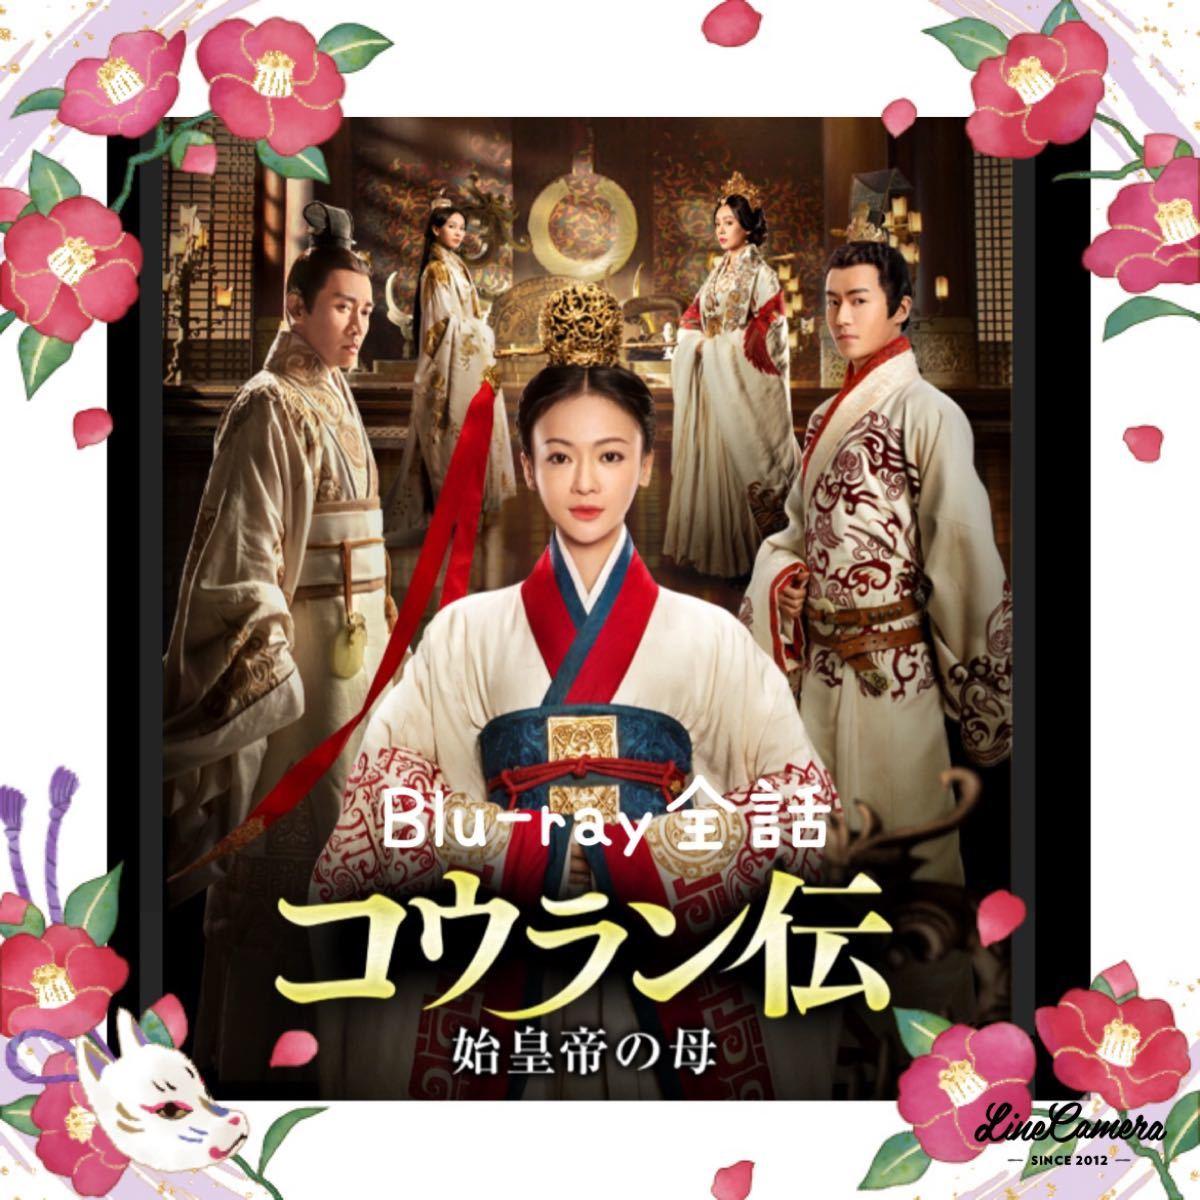 中国ドラマ コウラン伝 Blu-ray全話